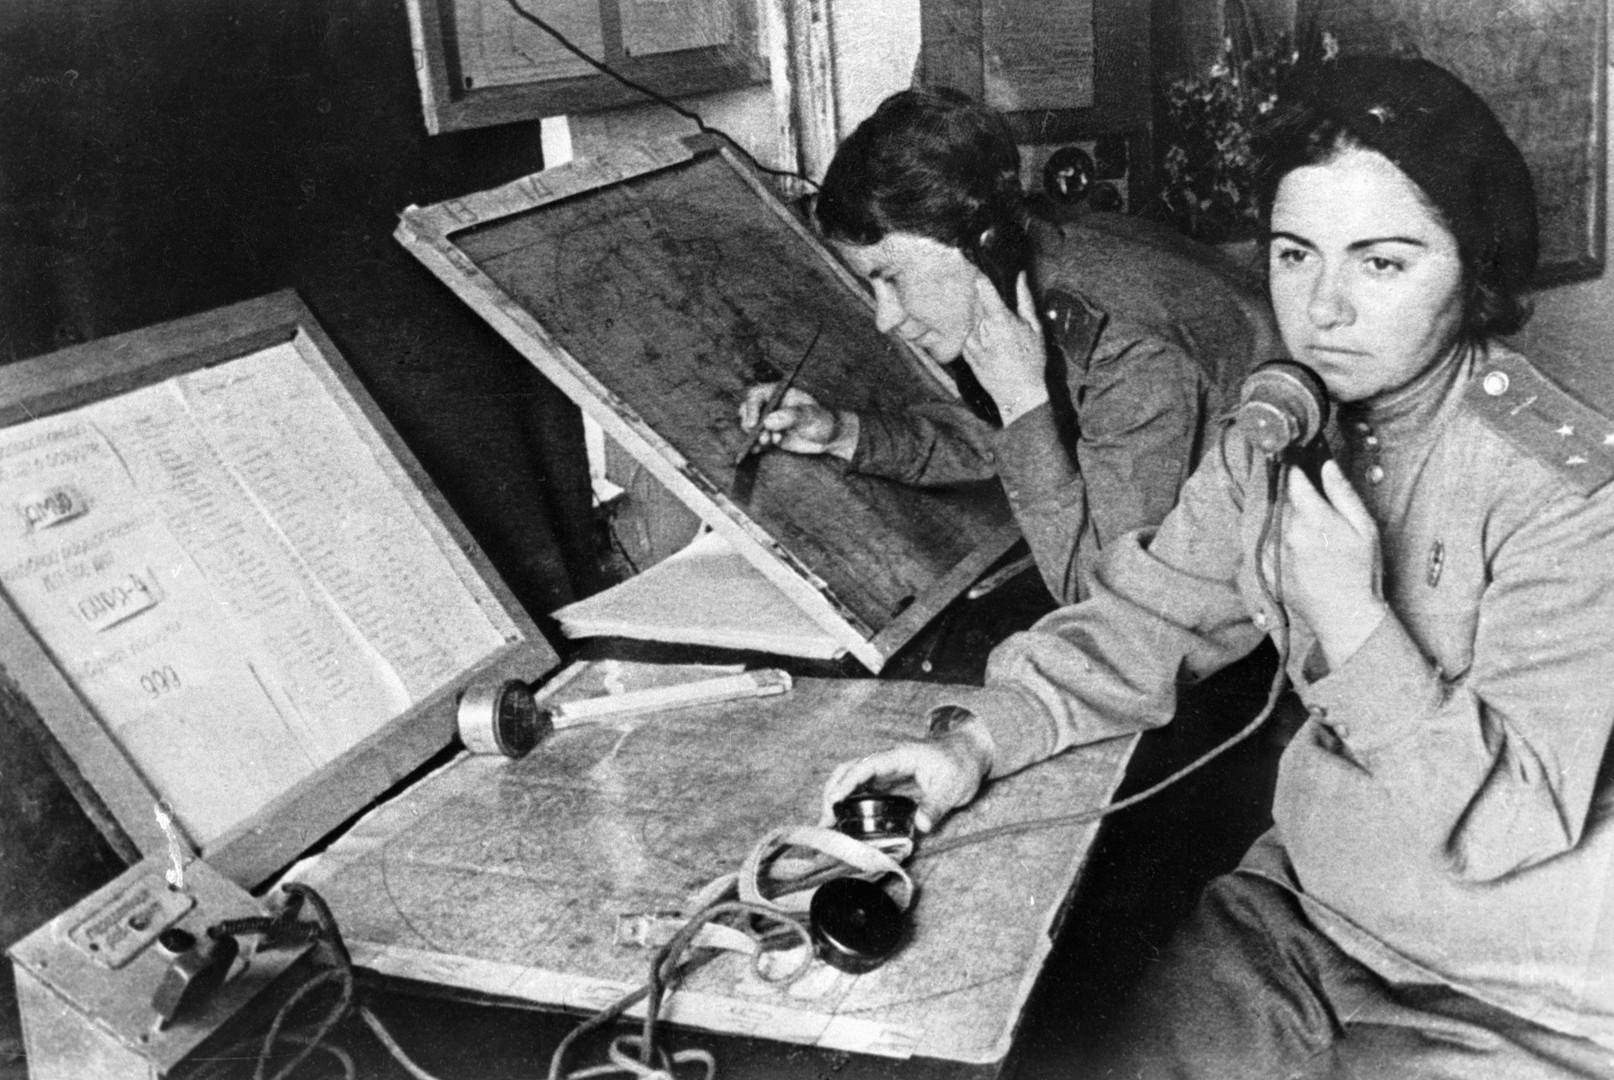 Die Mehrheit der jungen Frauen arbeitete in den verschiedenen Hauptquartieren auf unterschiedlichen Ebenen. Sie führten die Organisationsarbeit aus zu der auch die Koordinierung von Partisanenoperationen gehörte.